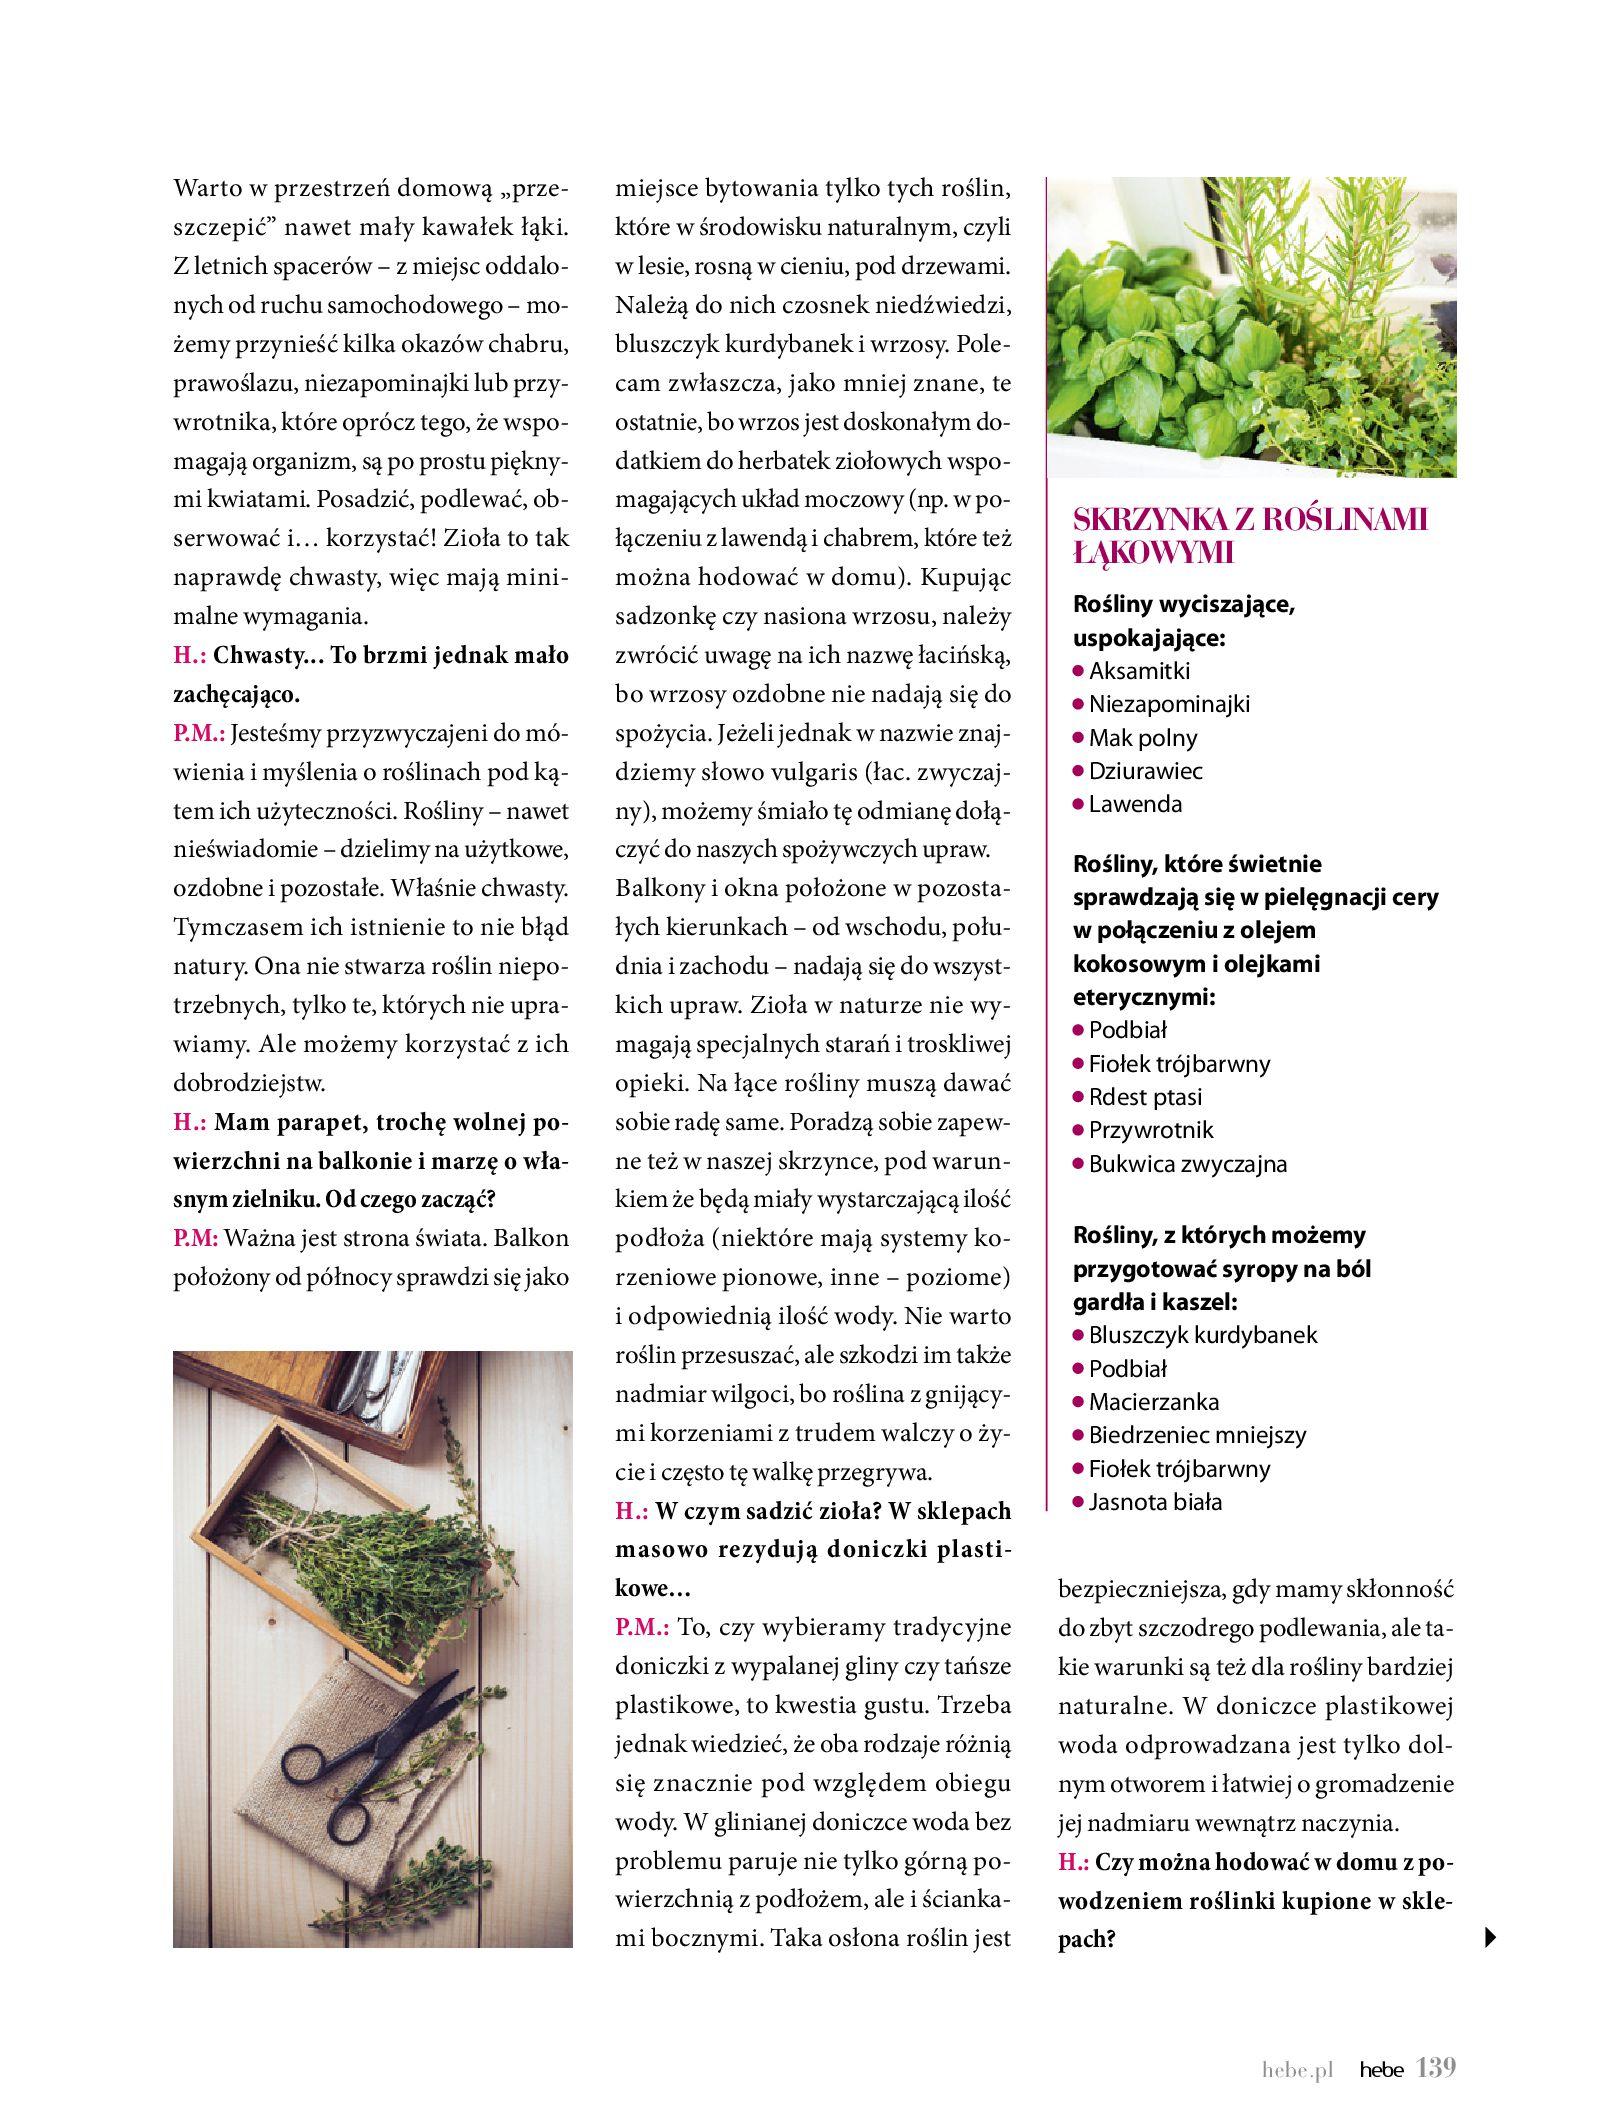 Gazetka hebe - Magazyn Hebe-30.06.2020-31.08.2020-page-139